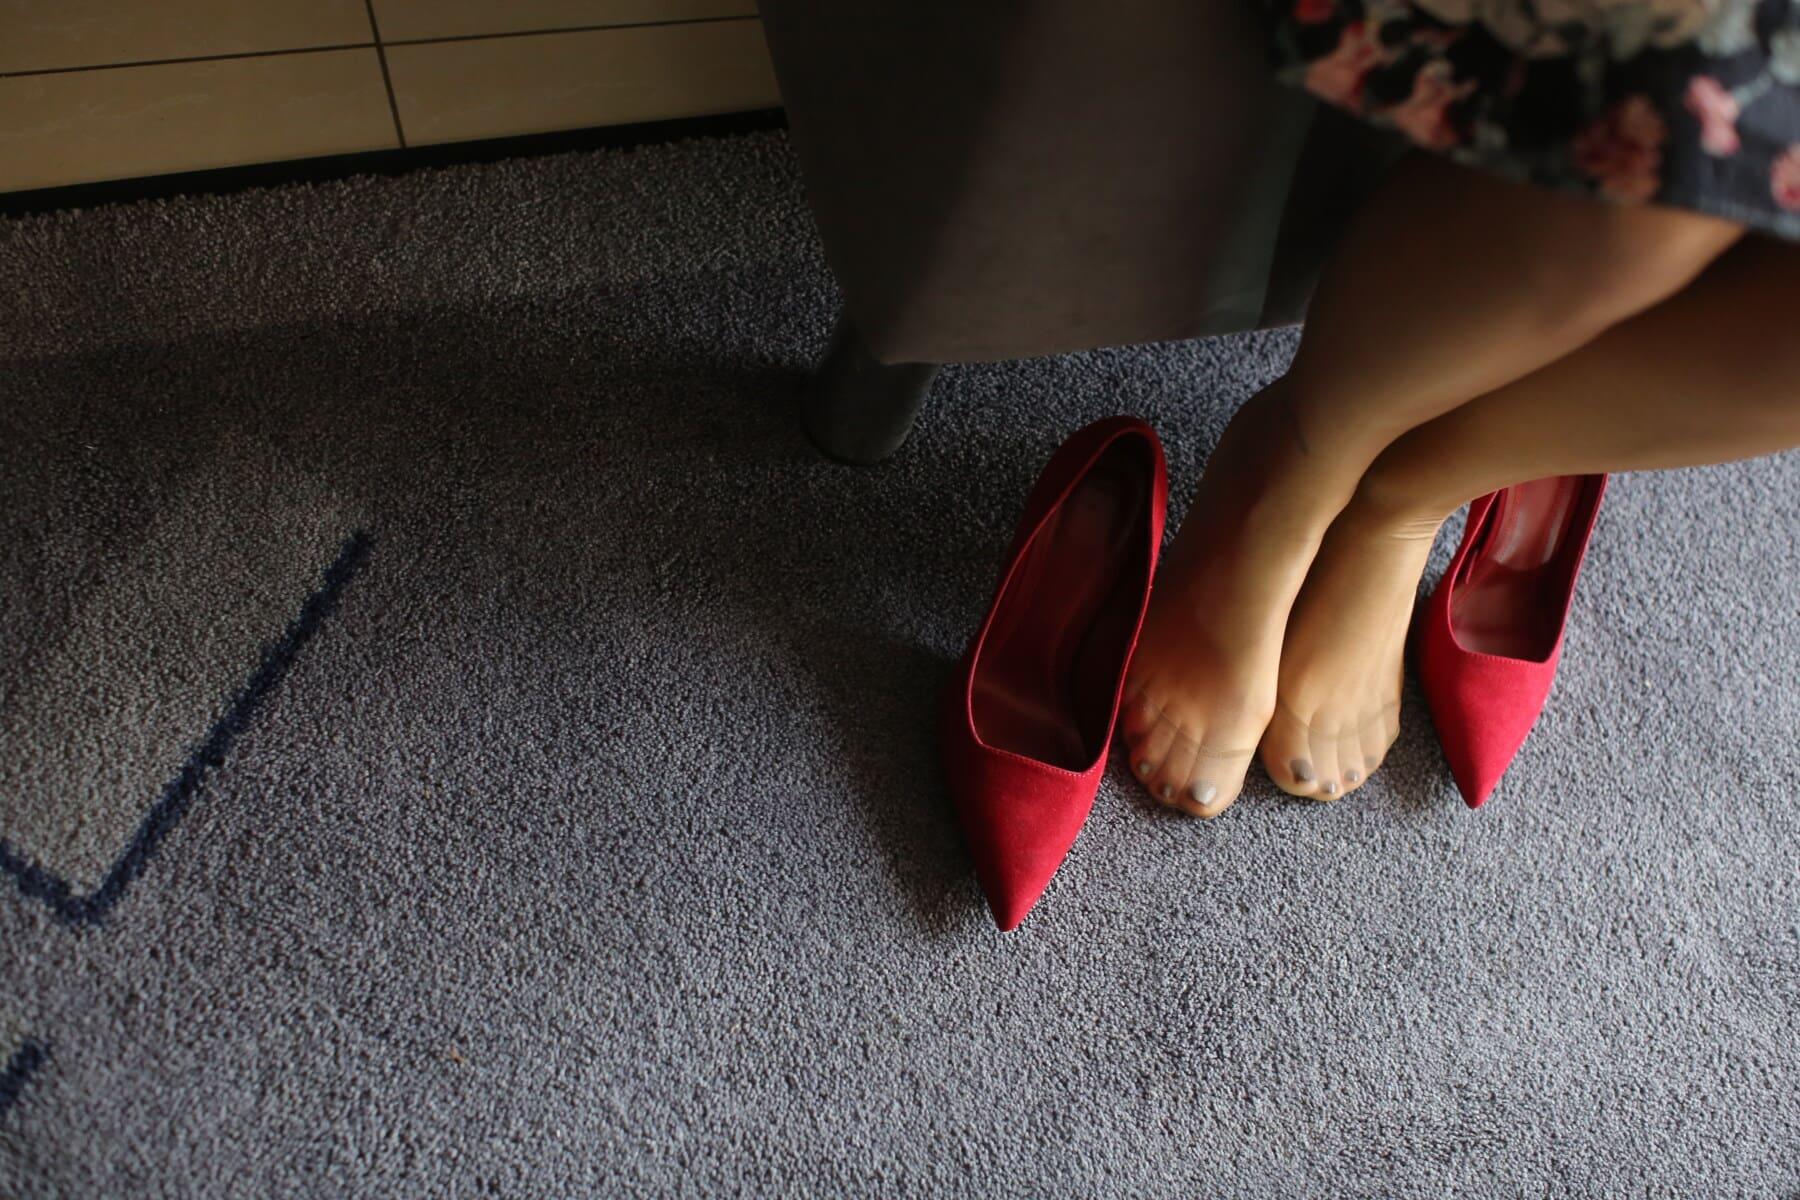 en nylon, chaussettes, sandale, chaussures, jeune femme, rouge, jambes, pieds nus, pied, jeune fille